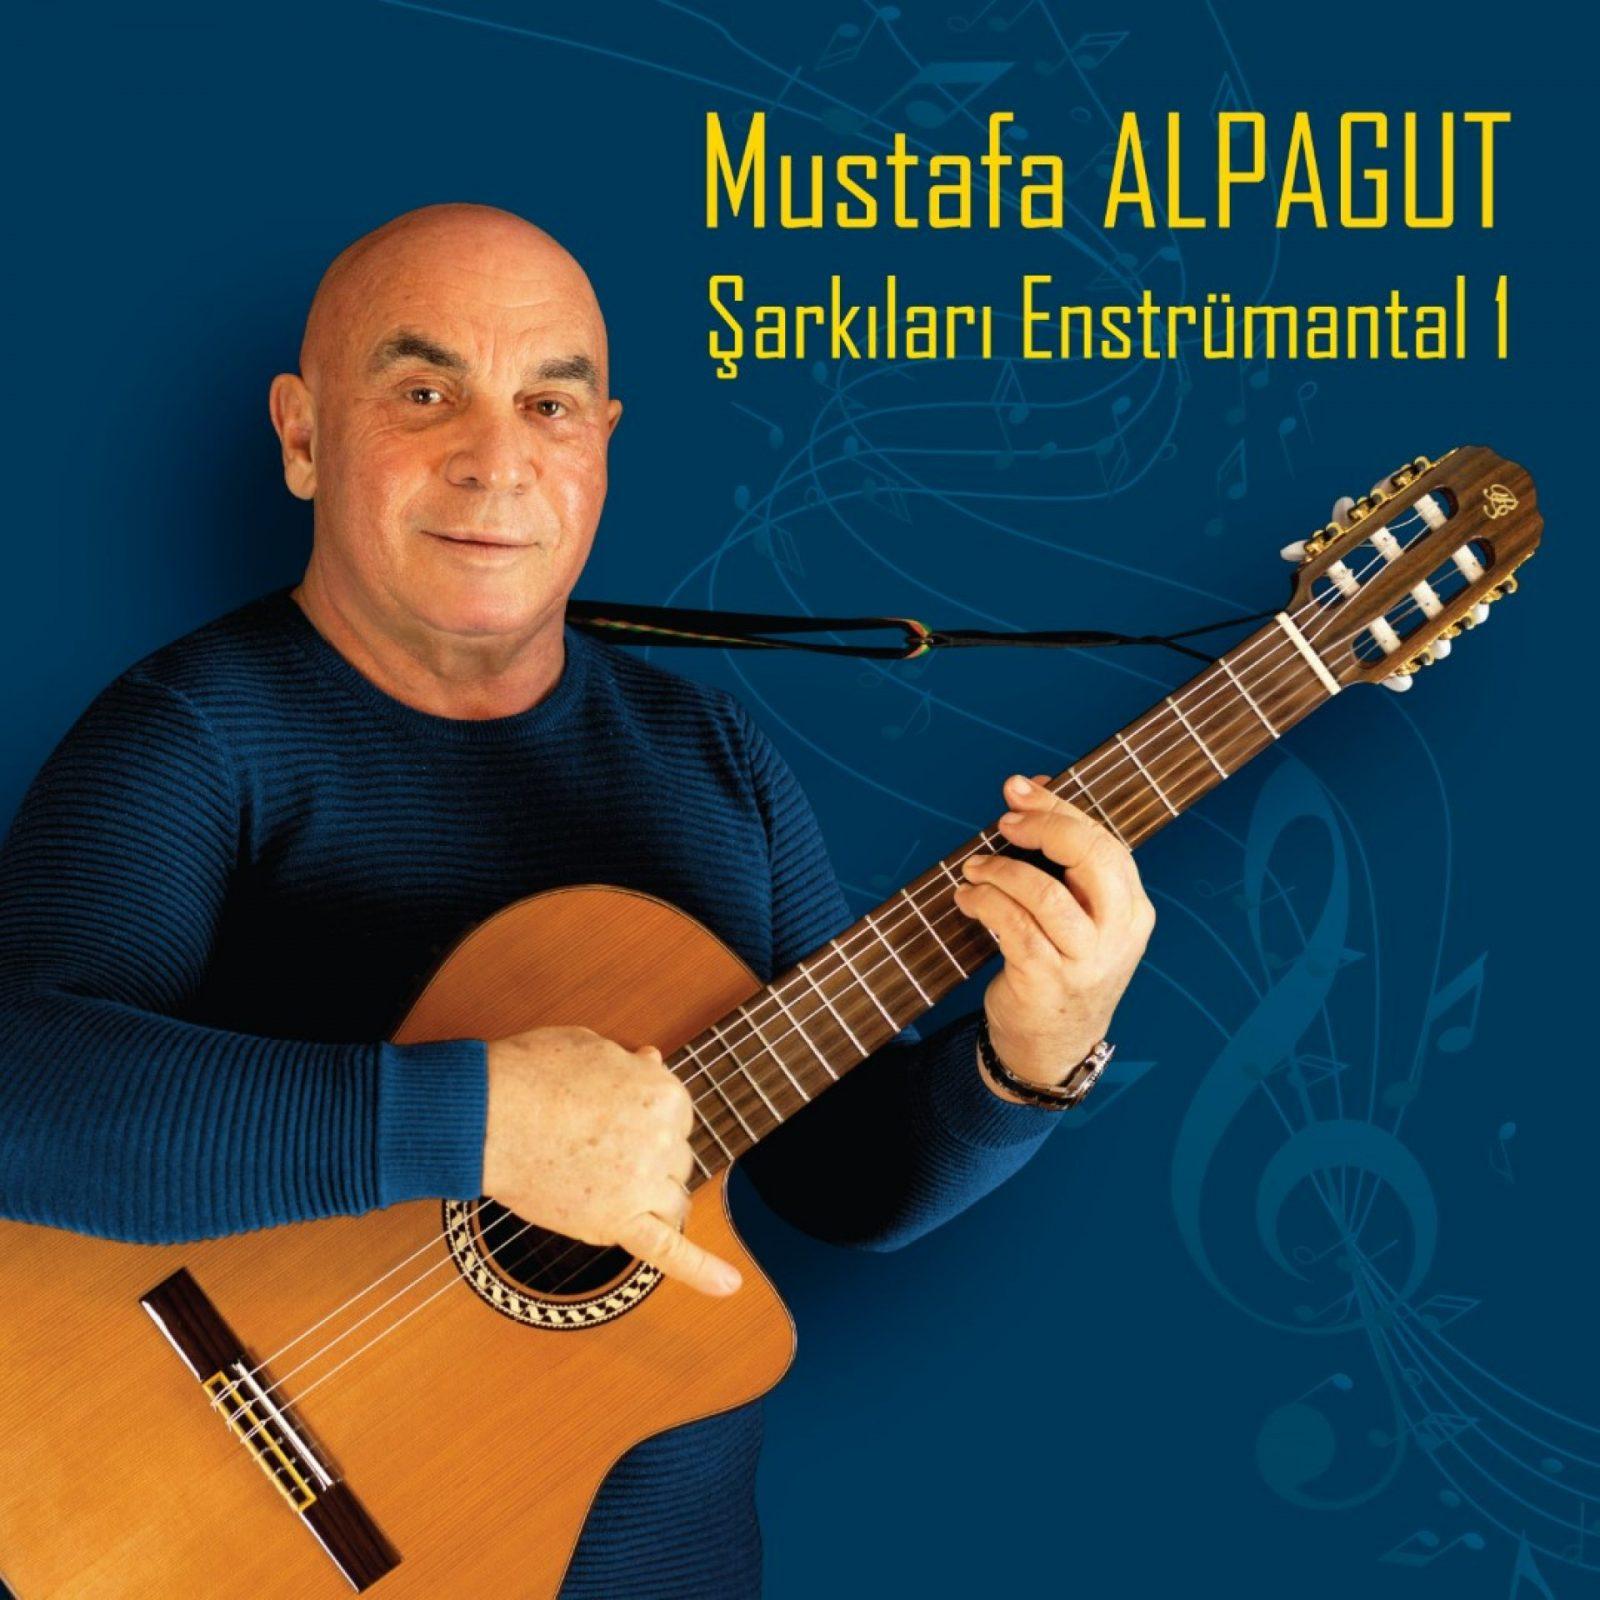 mustafa alpagut şarkıları enstrümantal 1 albüm kapağı